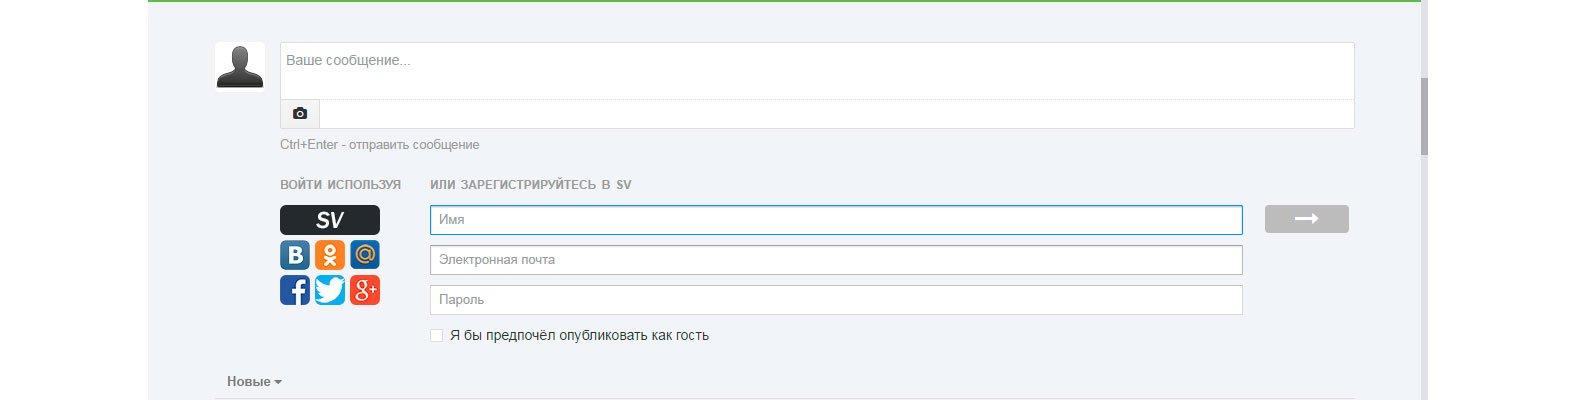 Комментарии SV kament для веб-сайта